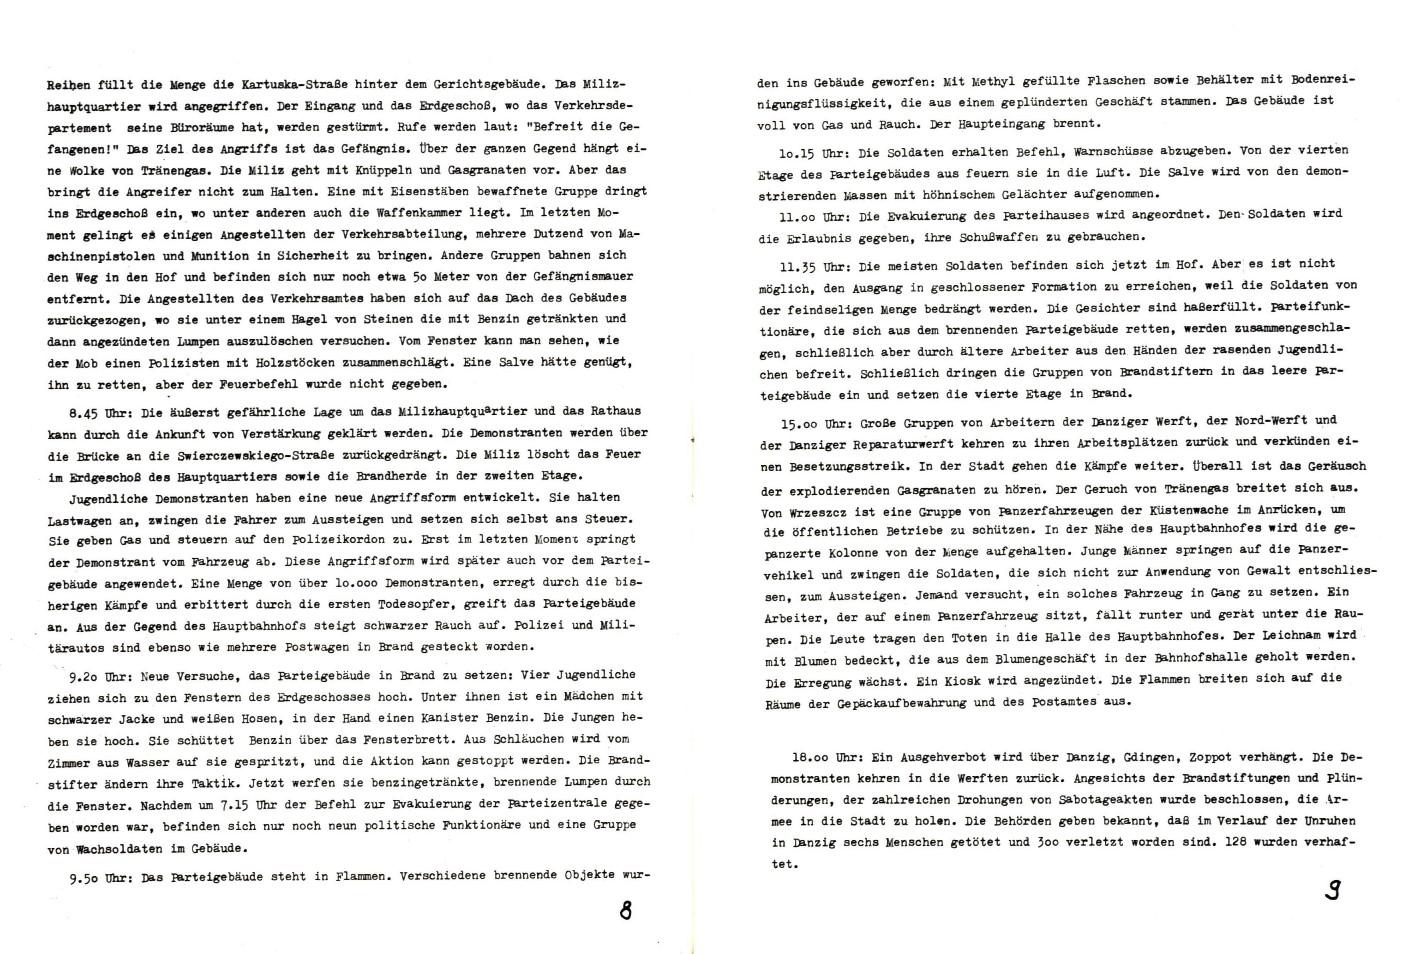 Berlin_KSV_1976_Arbeiteraufstand_in_Polen_06